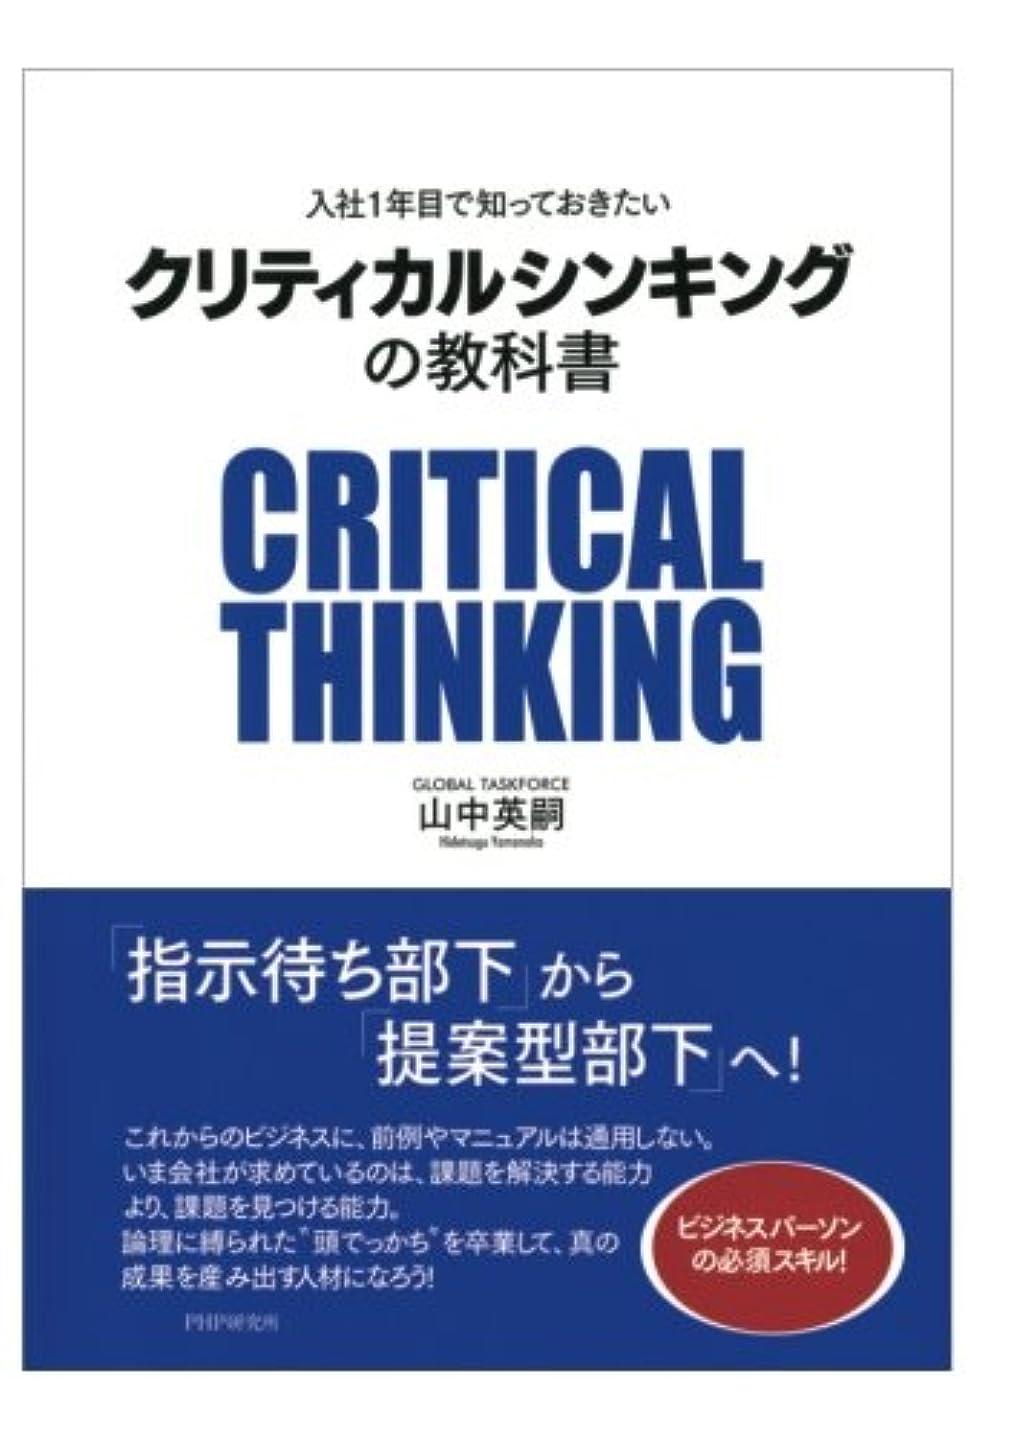 夜間自動的に演じる入社1年目で知っておきたい クリティカルシンキングの教科書